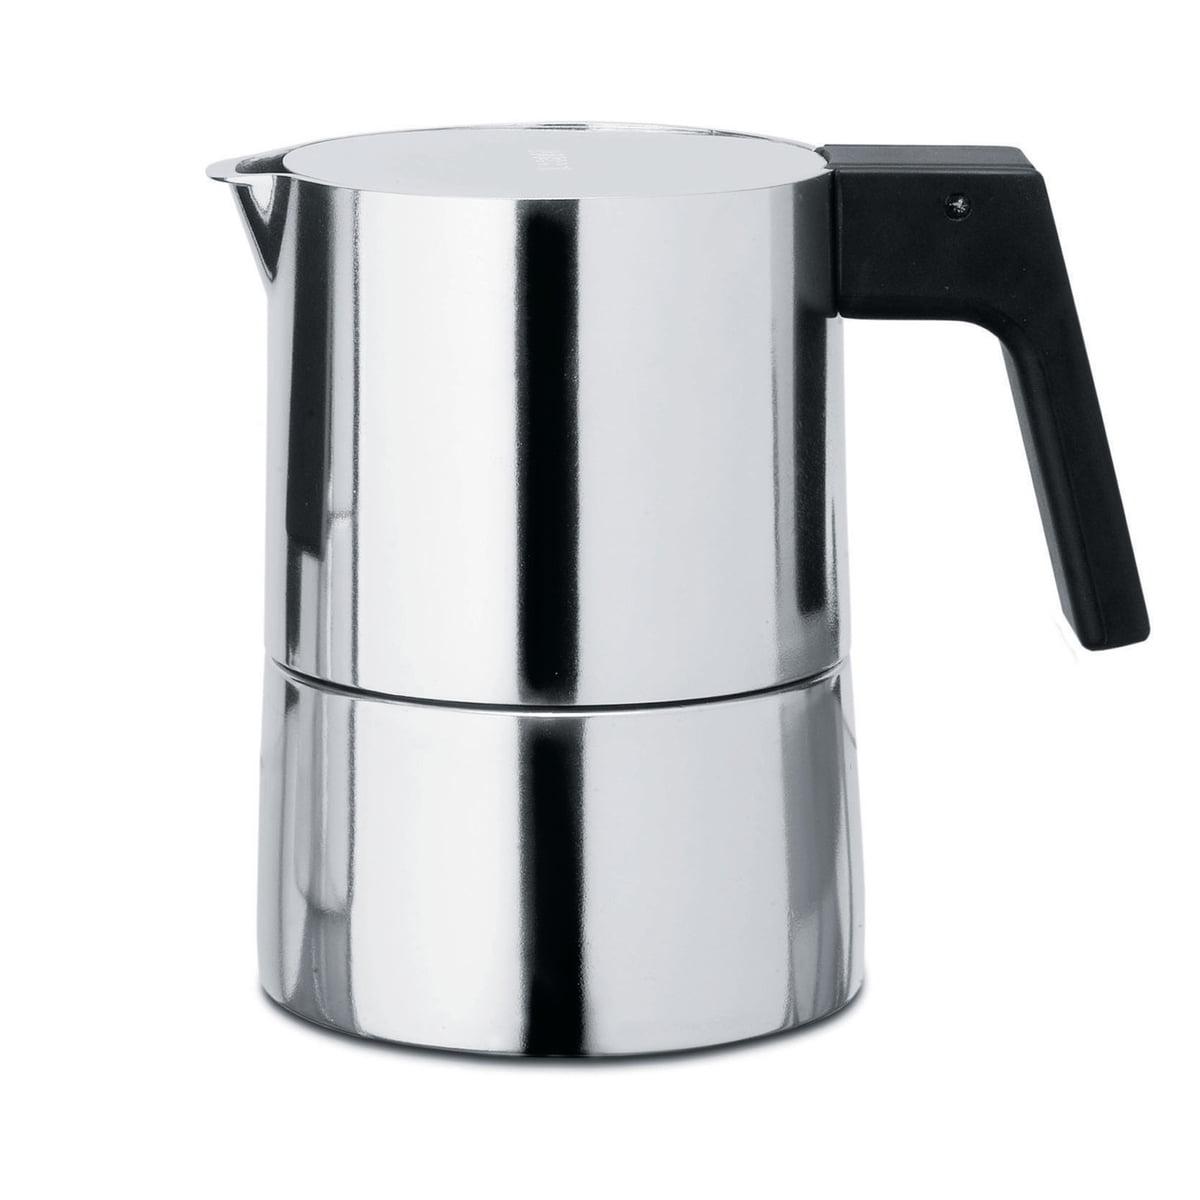 Espressokocher Pina, 300 ml